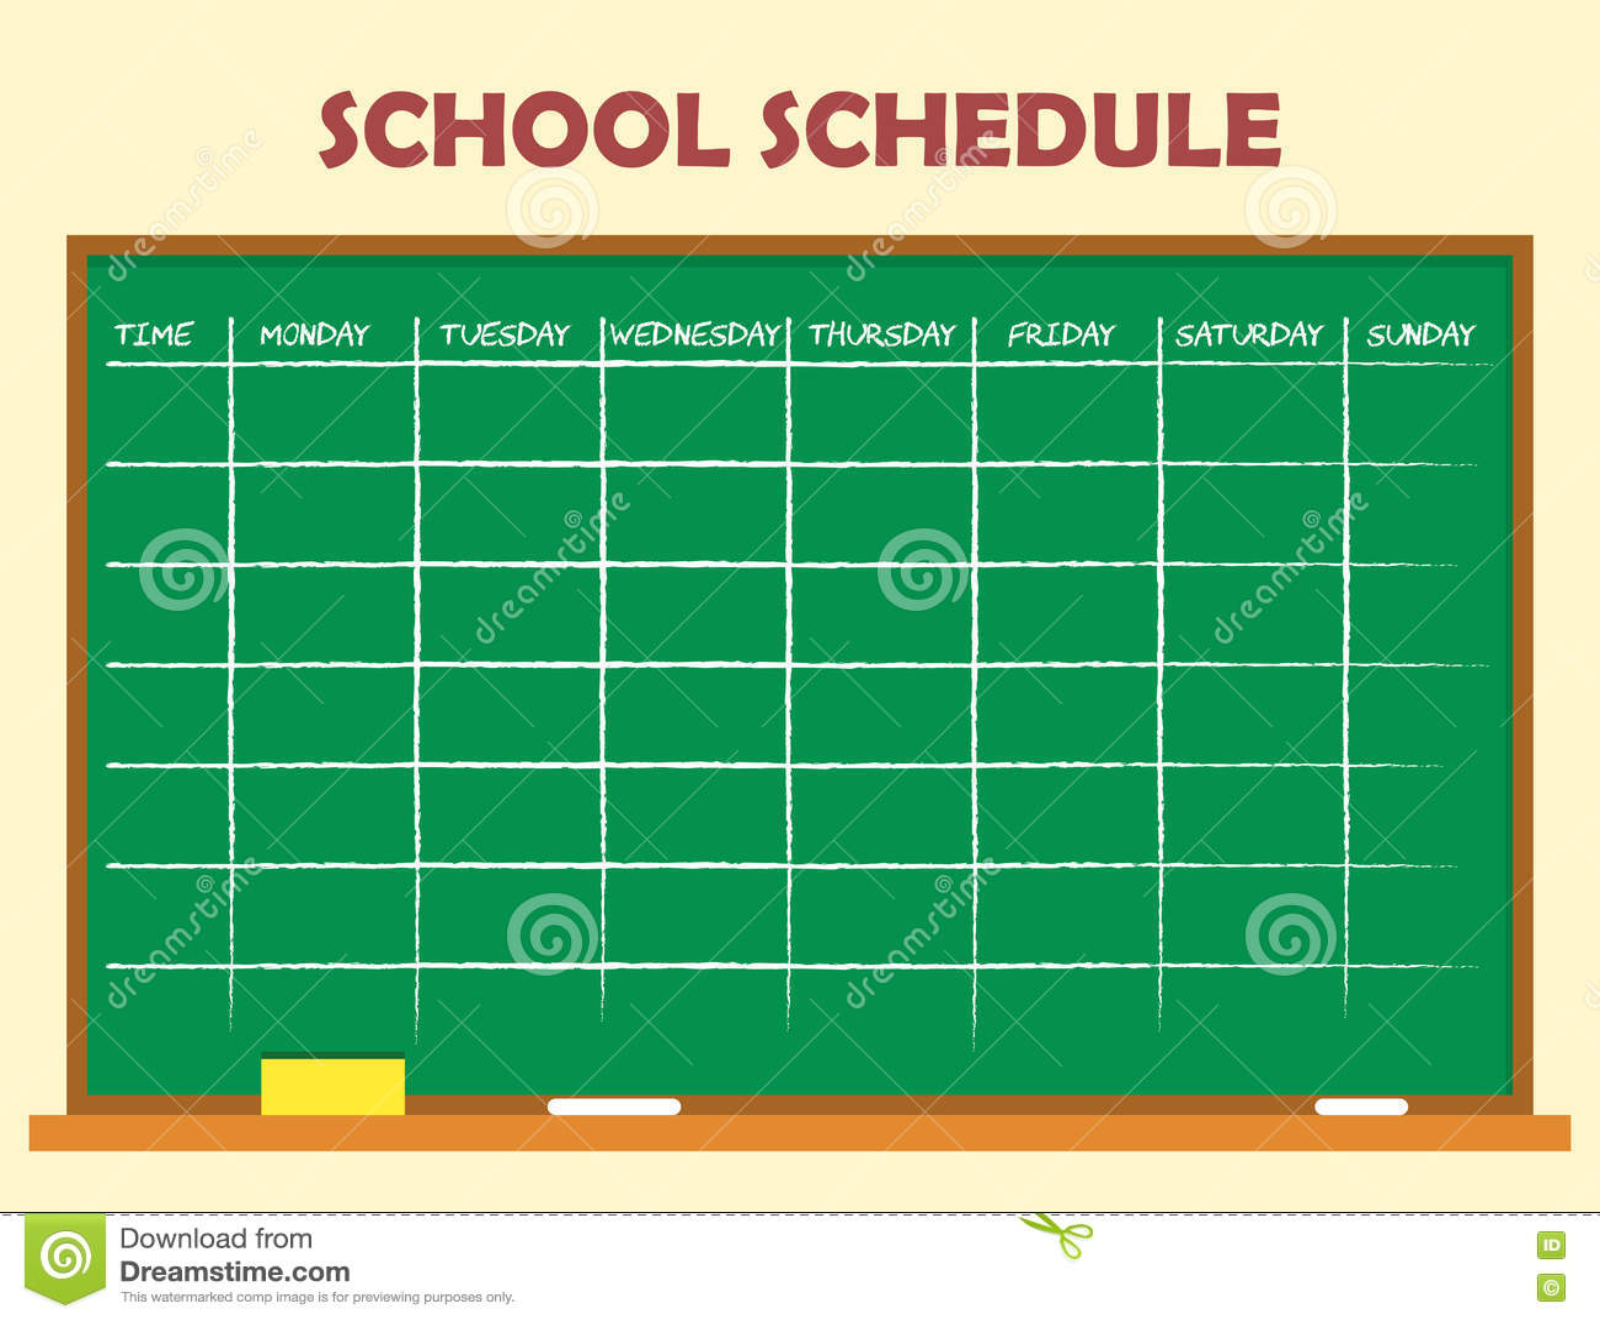 School Schedule Template Vector Image 75794954 – School Schedule Template